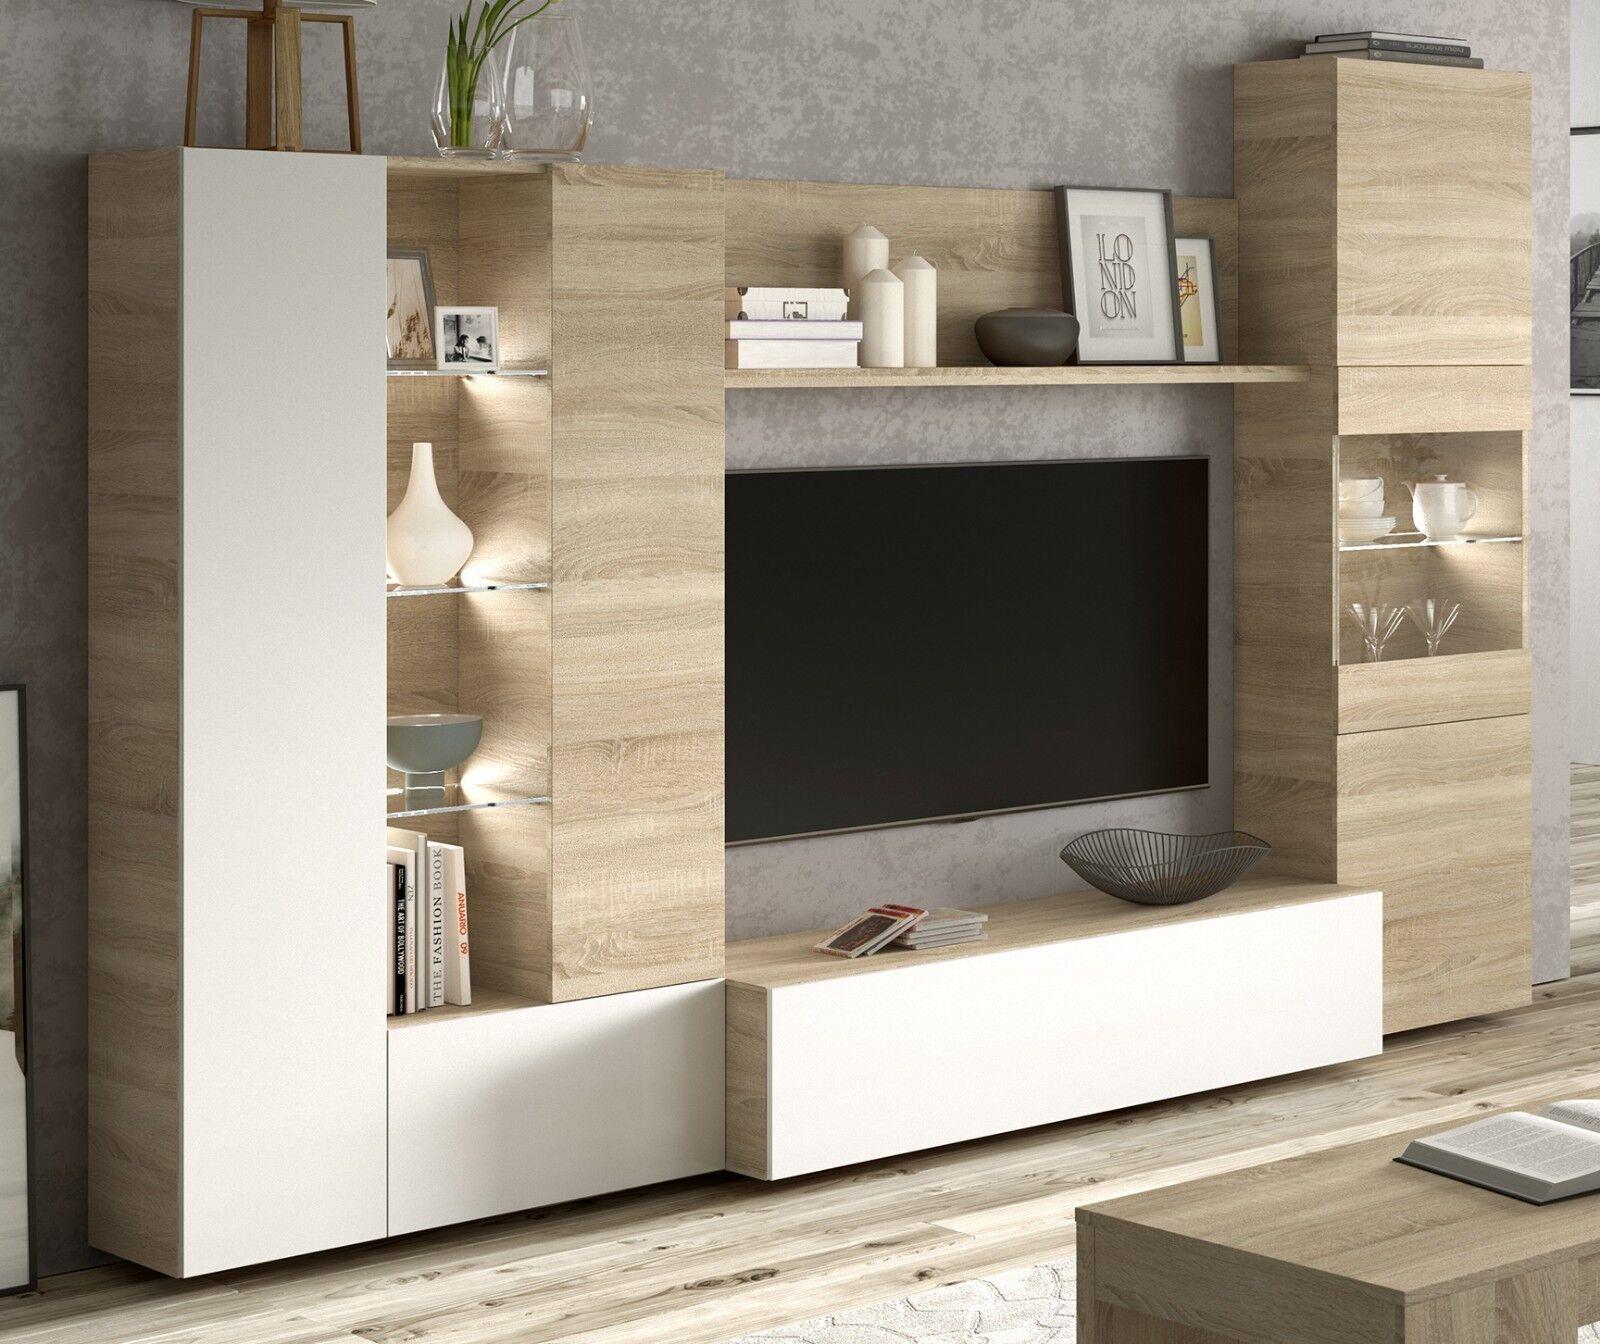 Mueble modular salon comedor con luz LED estilo moderno cristal 260x185x42 cm